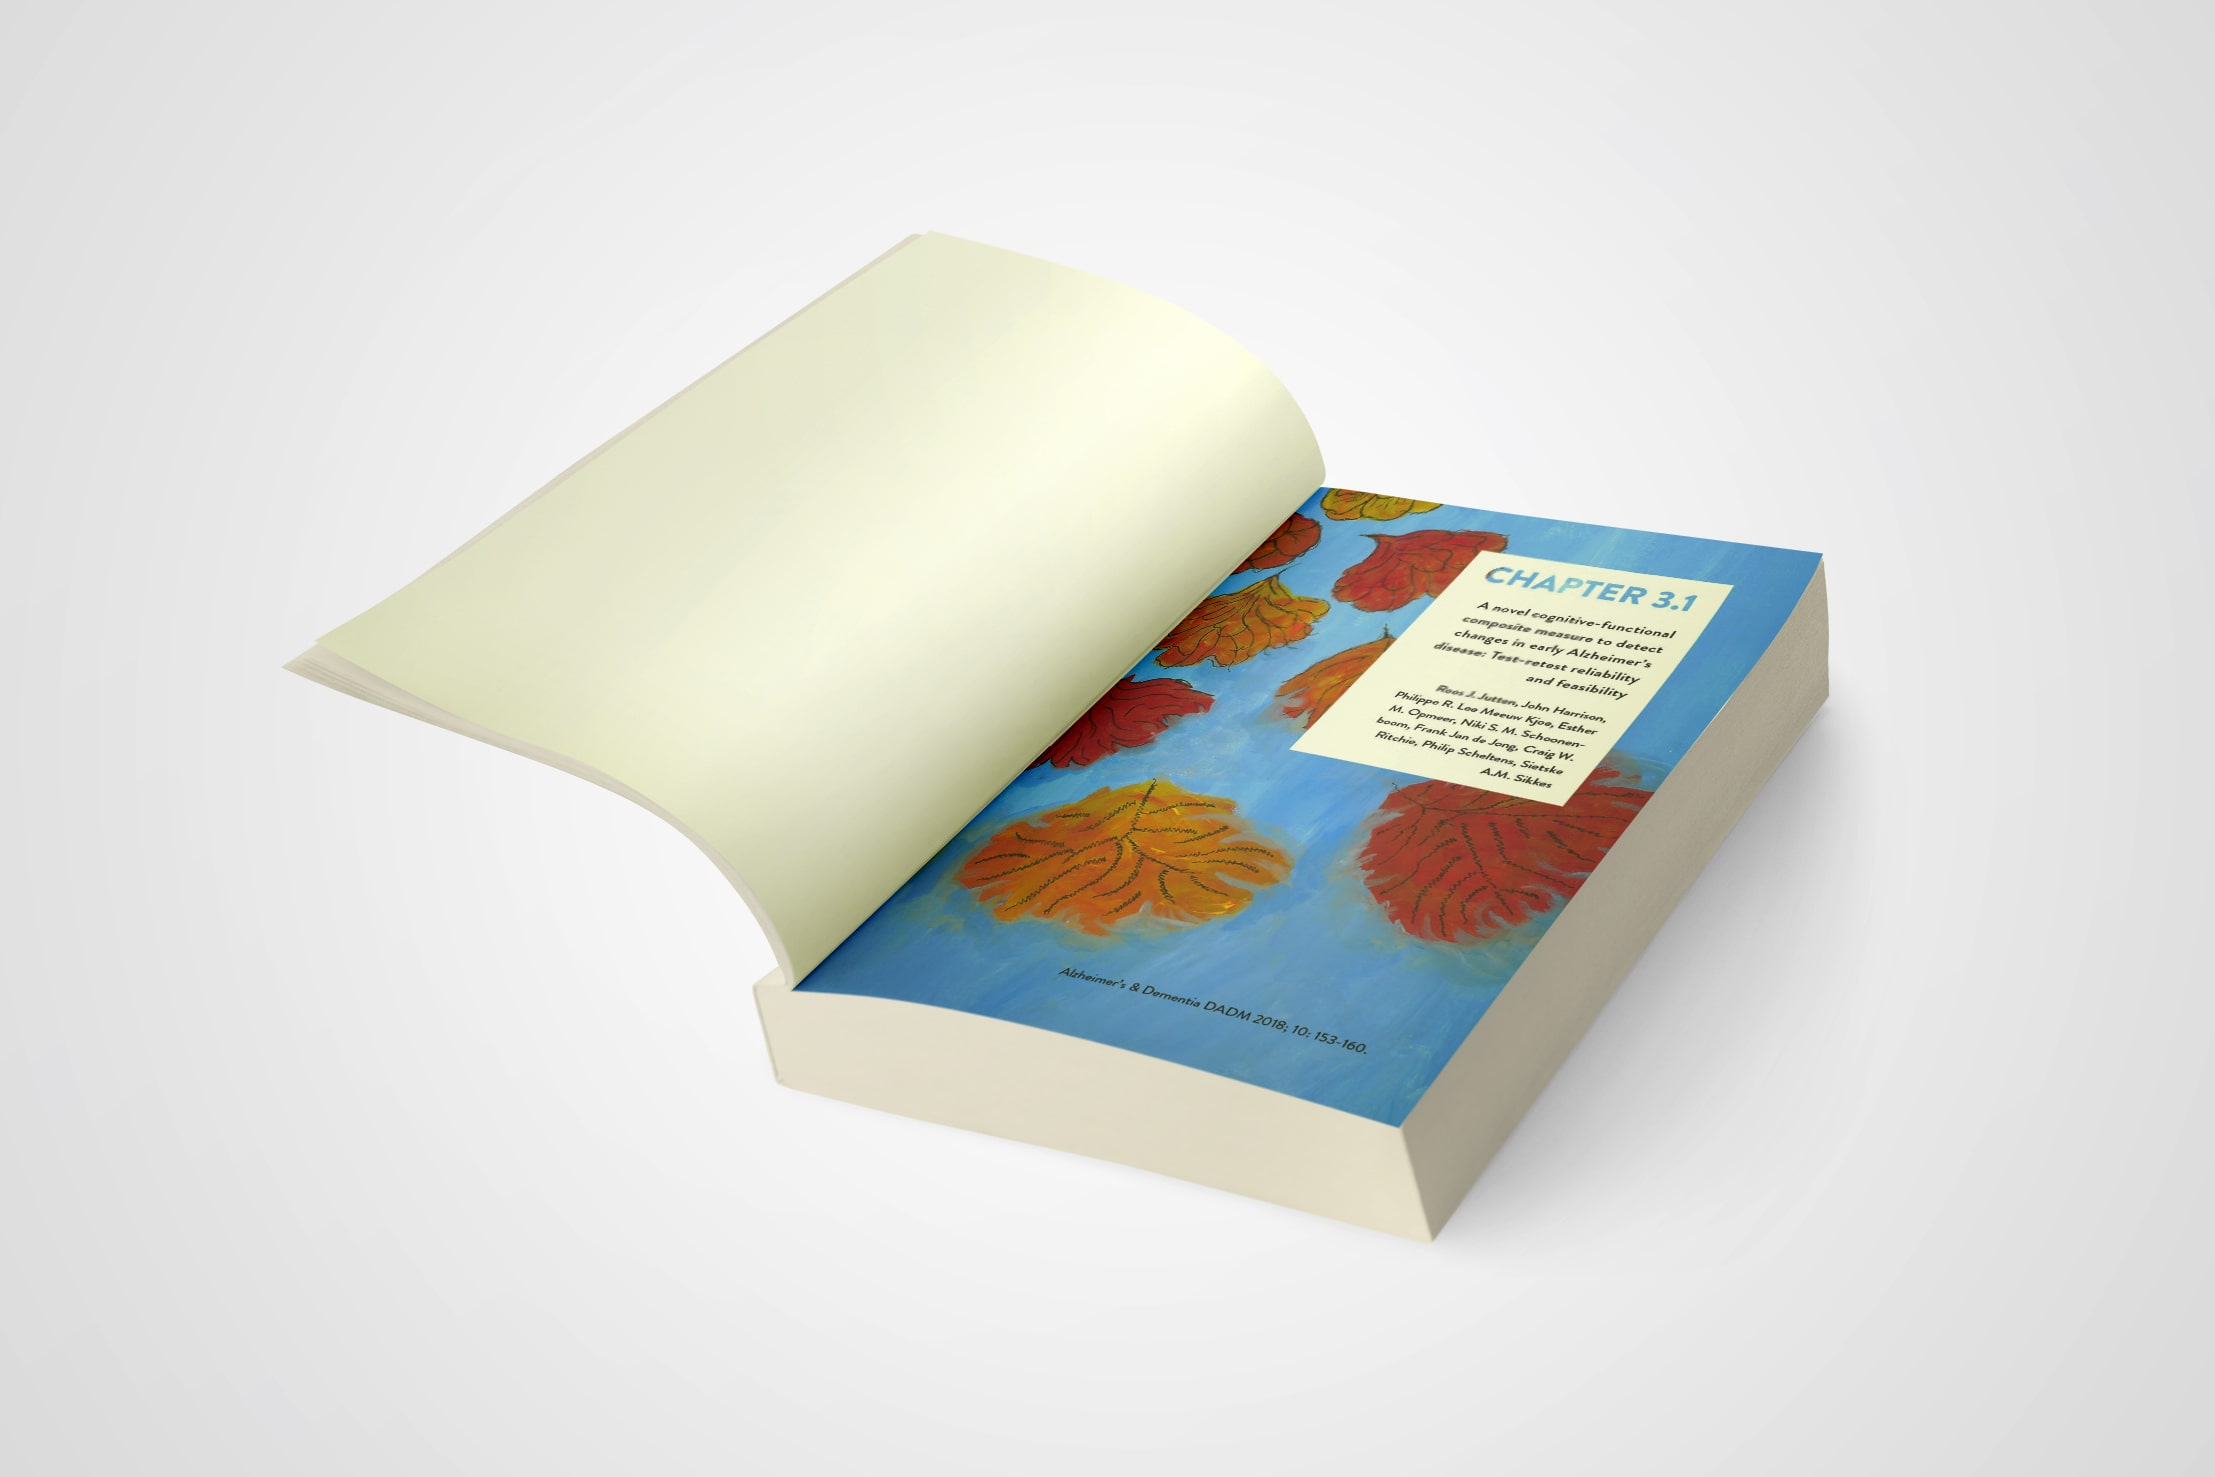 Proefschrift Roos Jutten - Illustratie Maaike Olthof - Vormgeving Vera Post